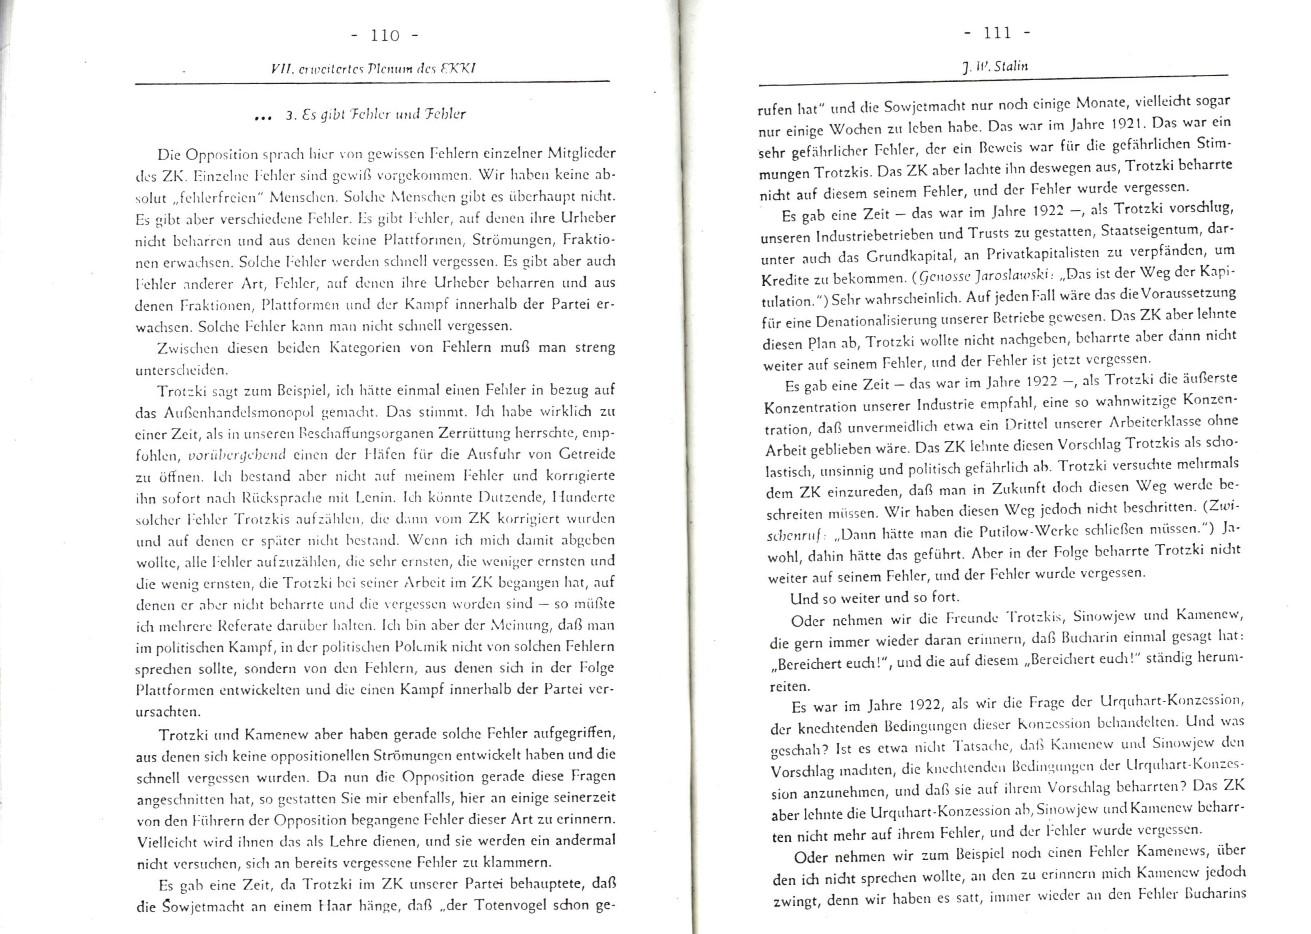 MLSK_Theorie_und_Praxis_des_ML_1979_25_56